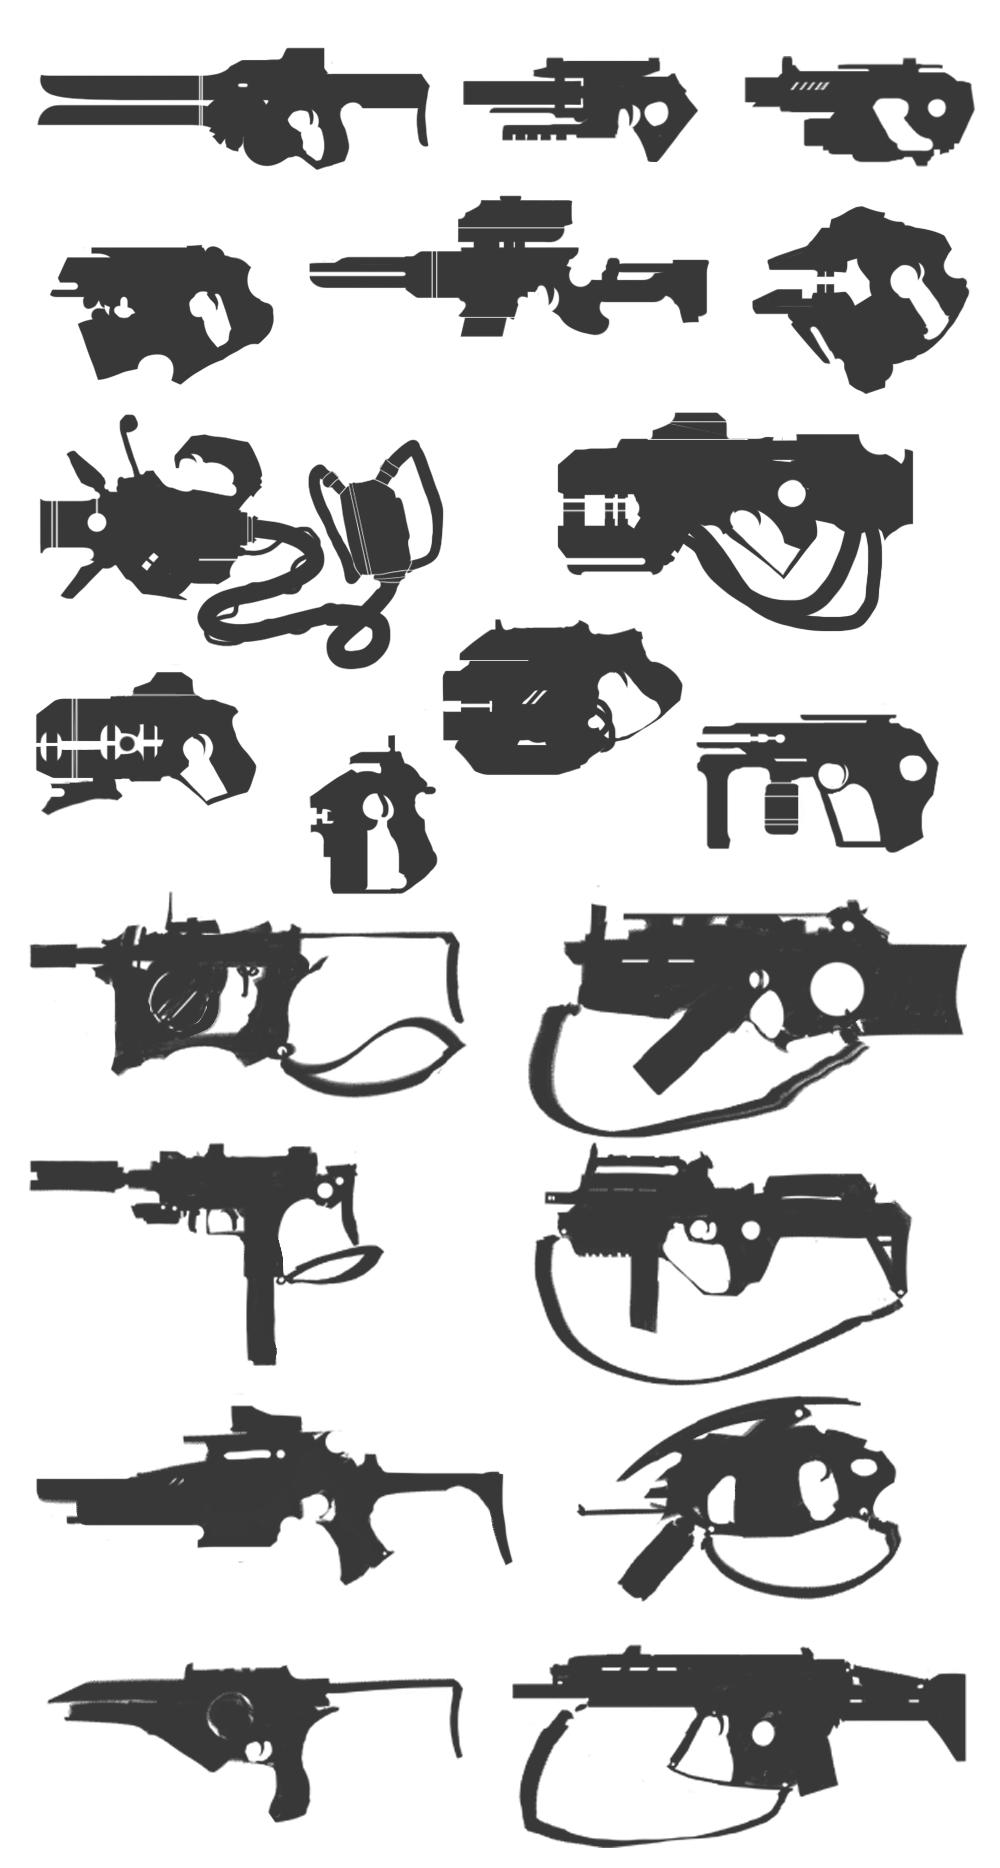 Guns_Silhouettes